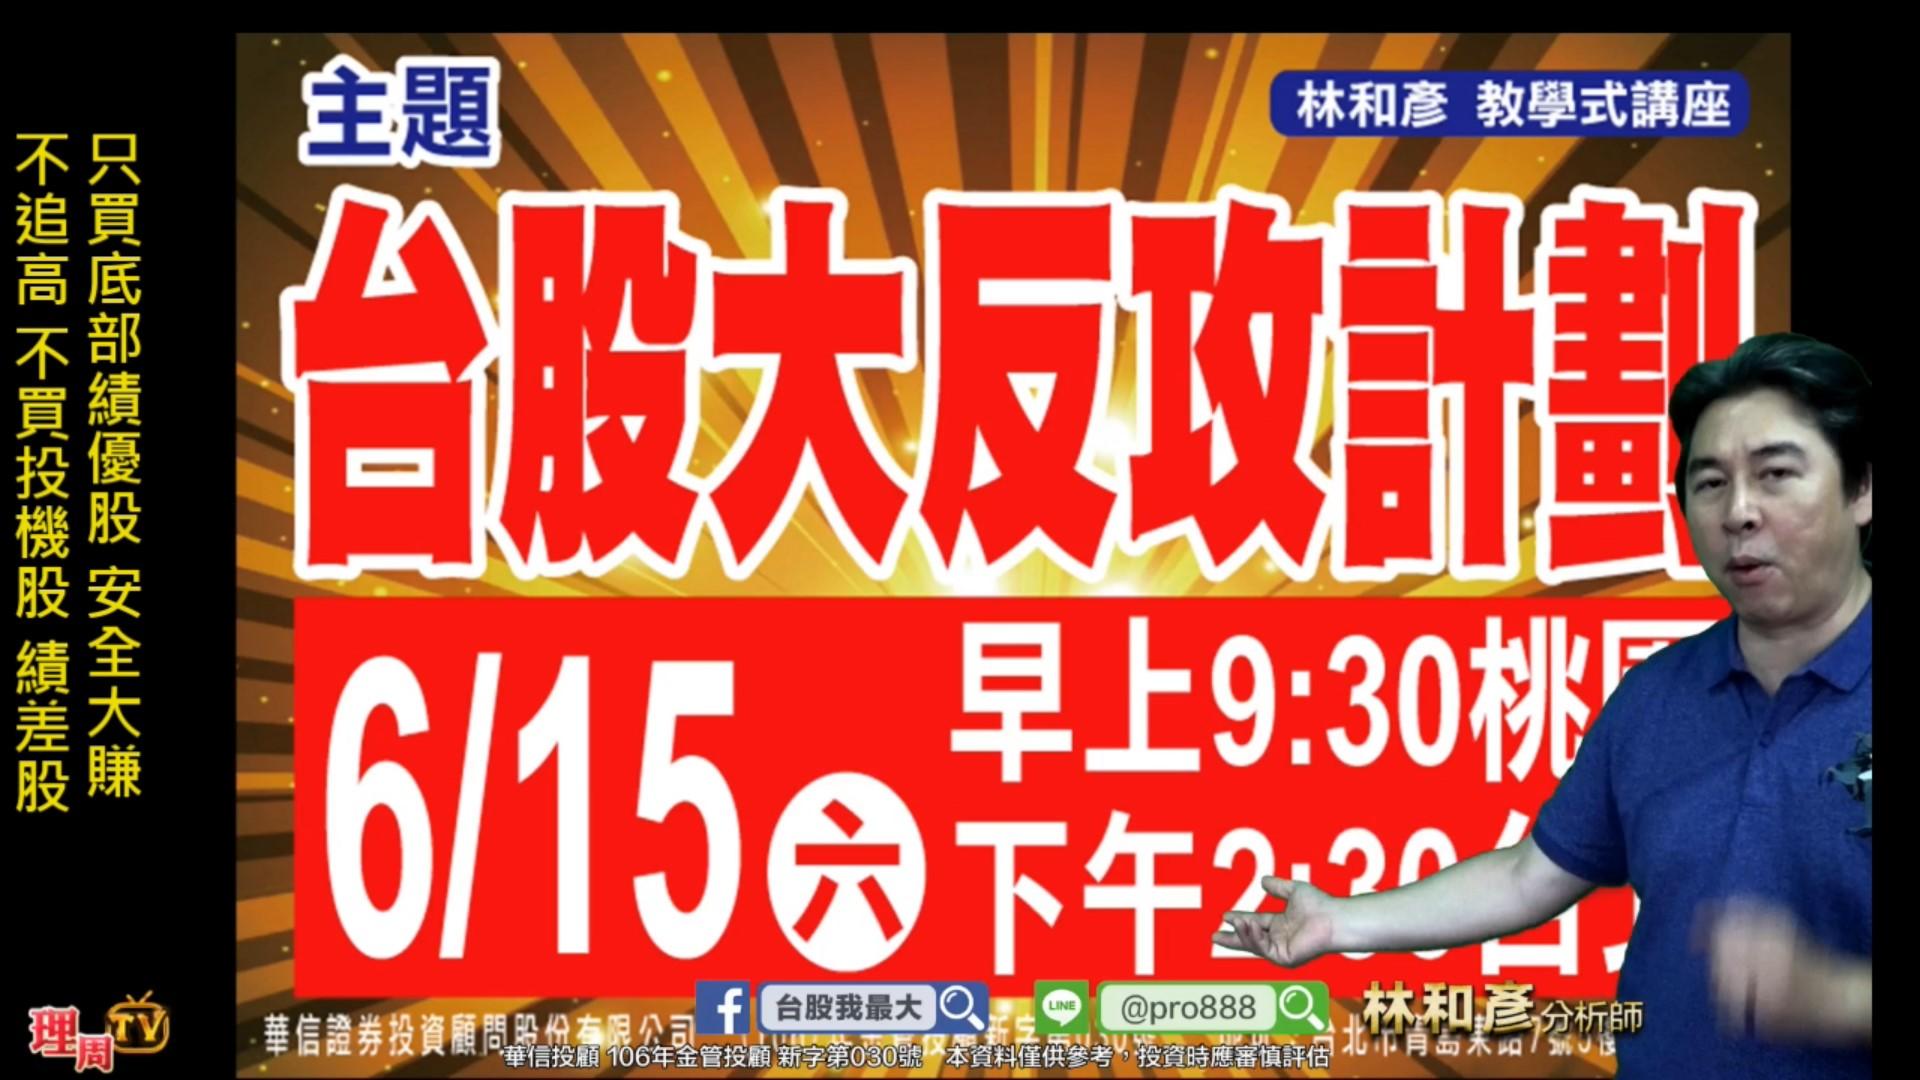 0614_6/15(六)早桃園 午台北 講座【台股大反攻計畫】預約報名